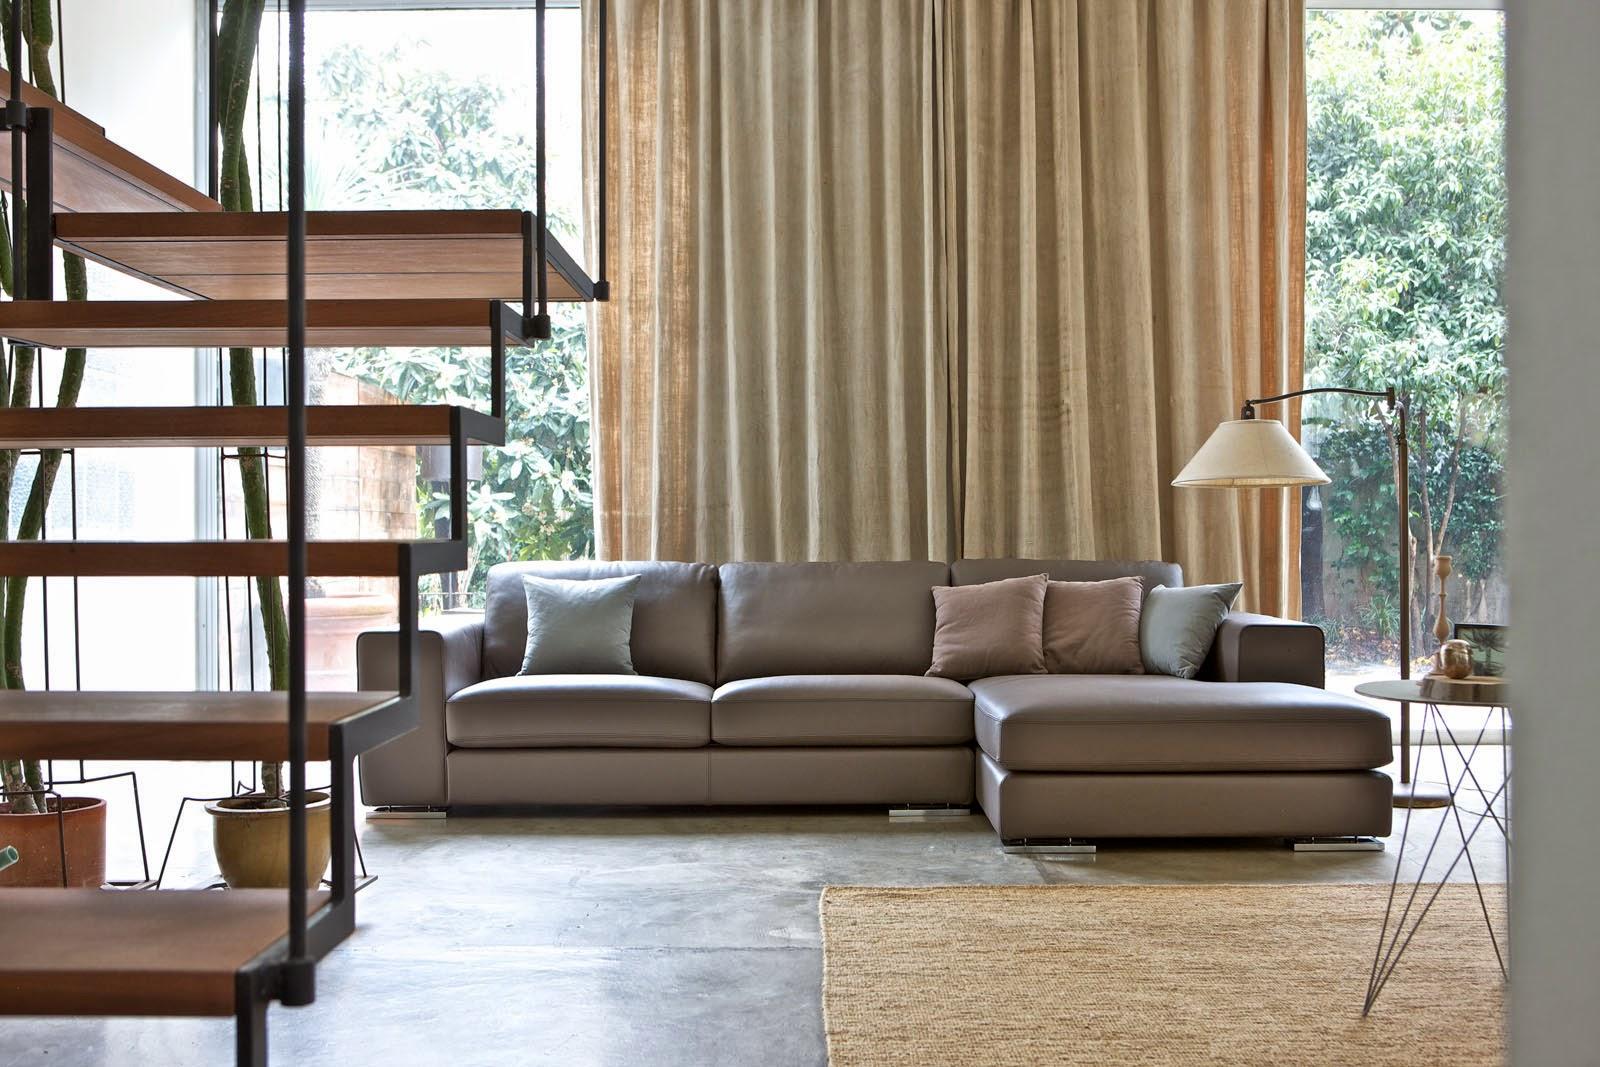 Divani in pelle moderni e divani letto made in italy for Divani e divani pelle